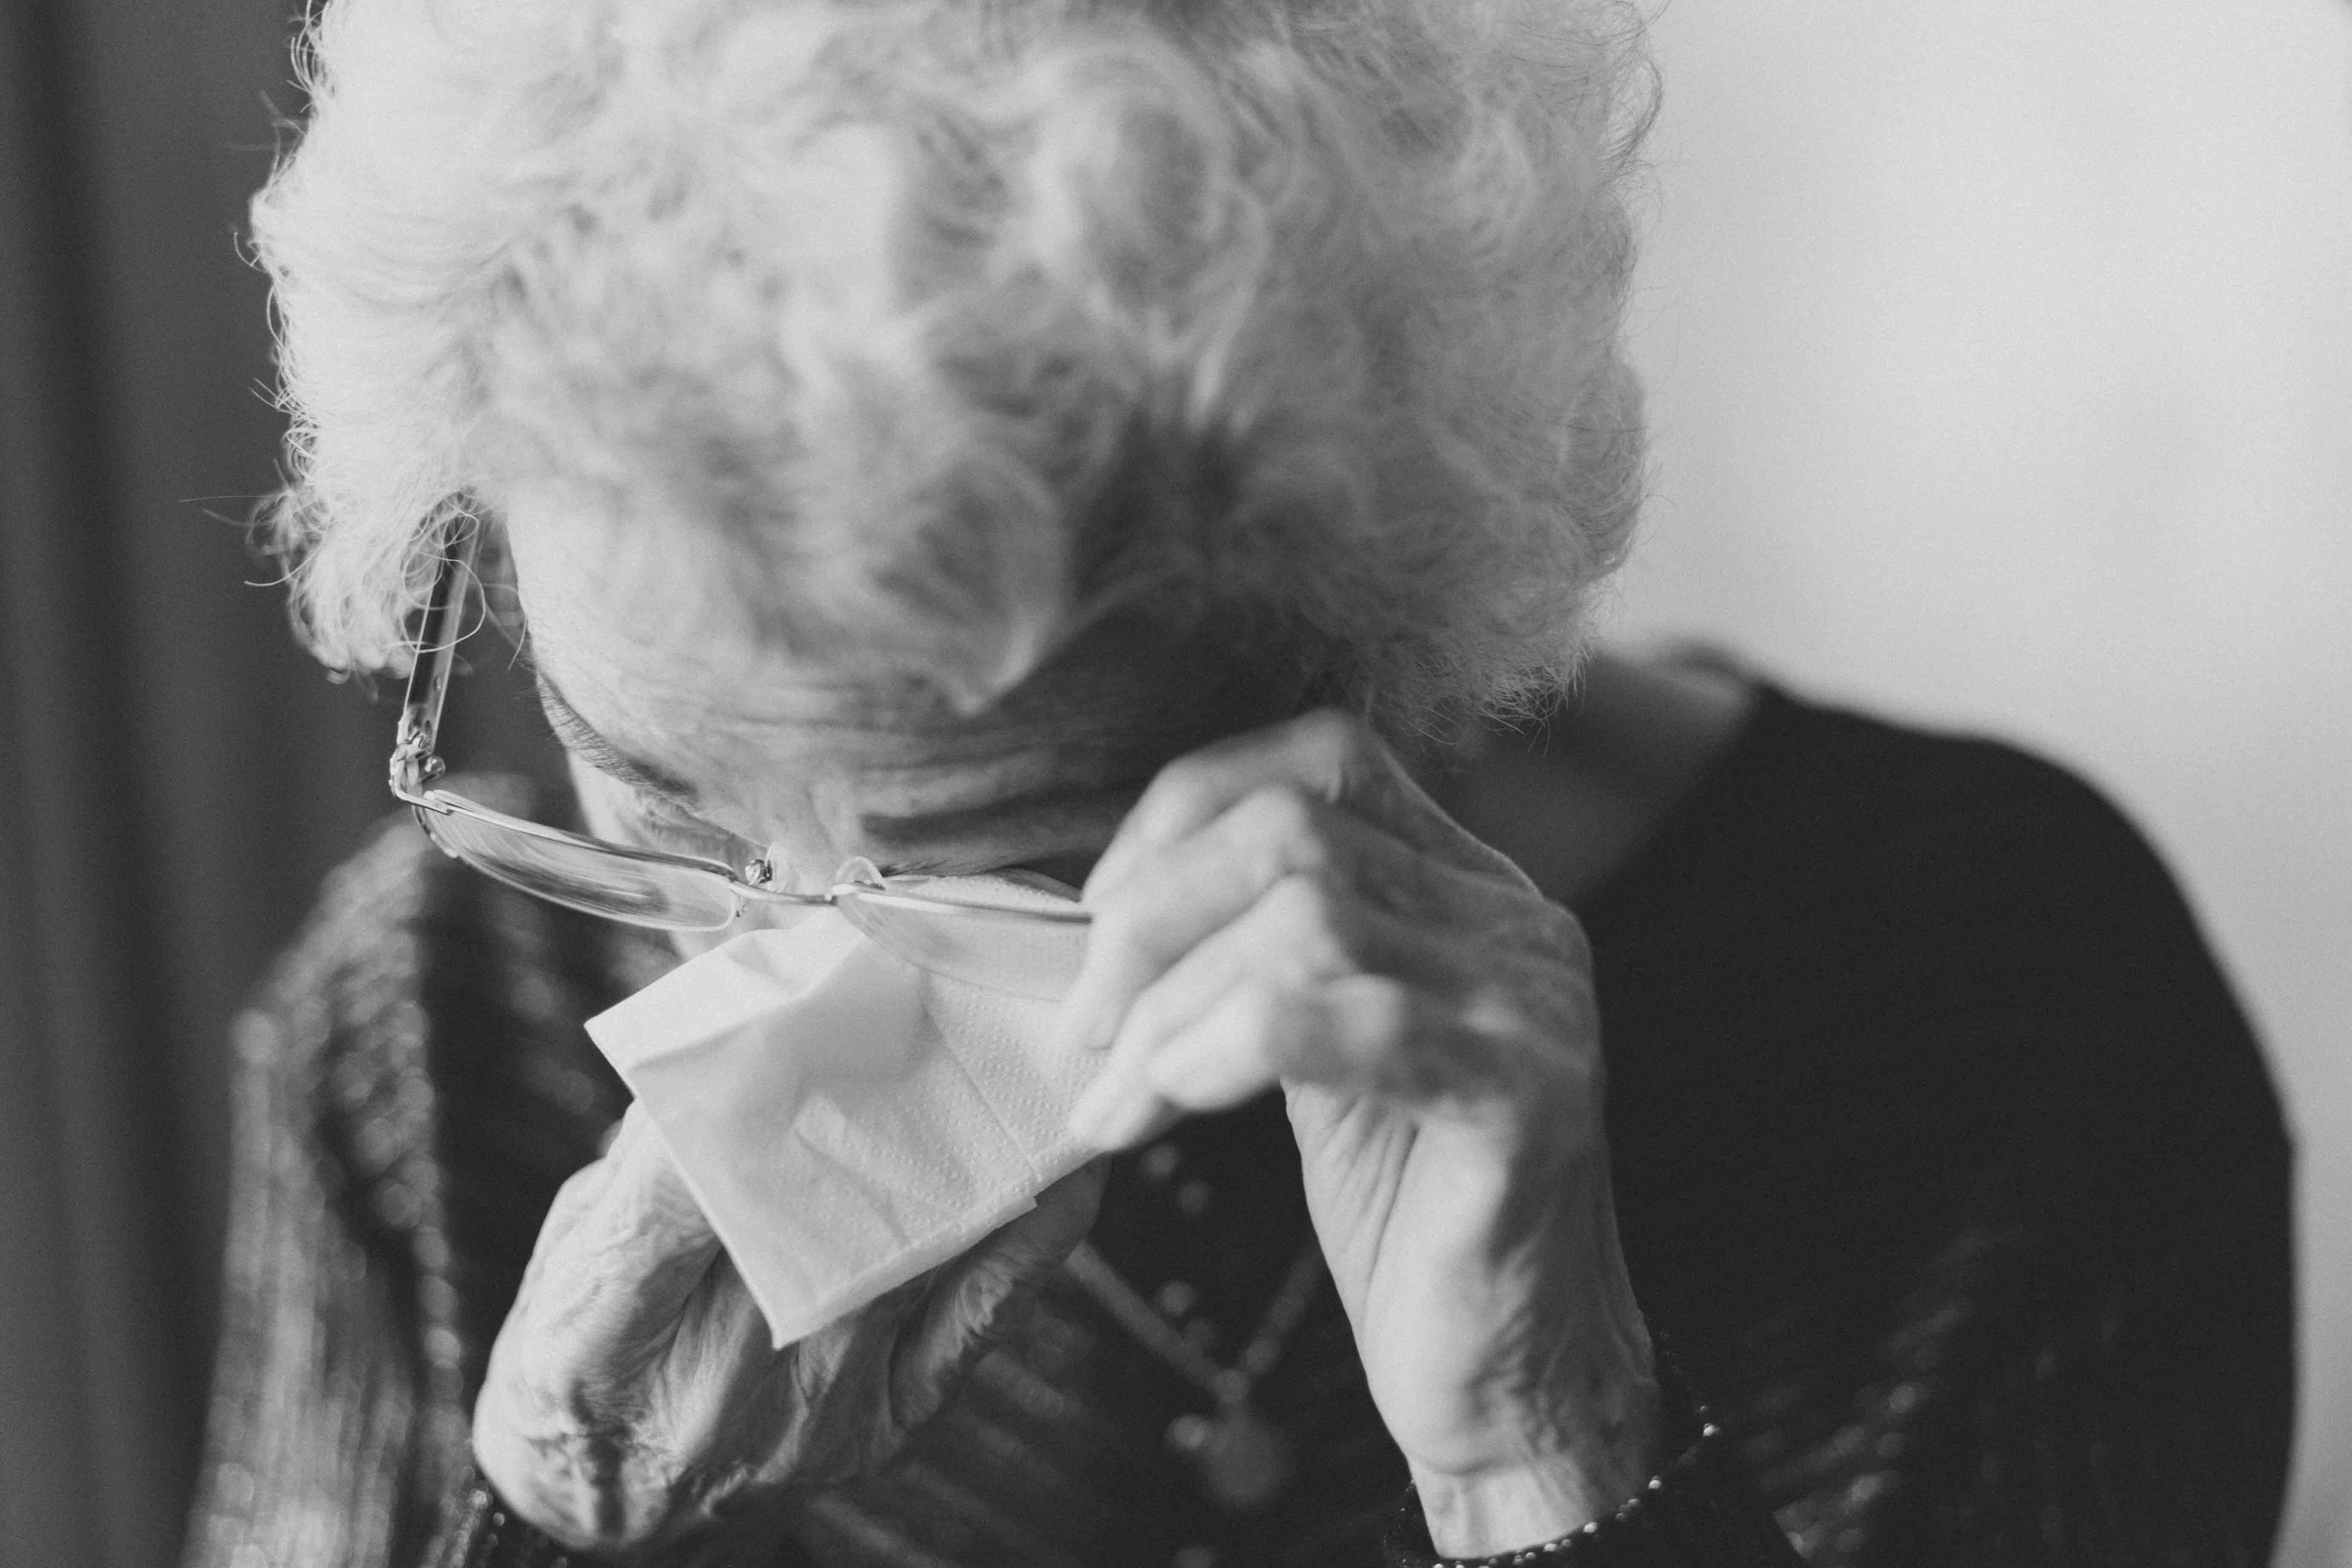 Une Grand-mère s'essuyant les yeux | Source : Unsplash